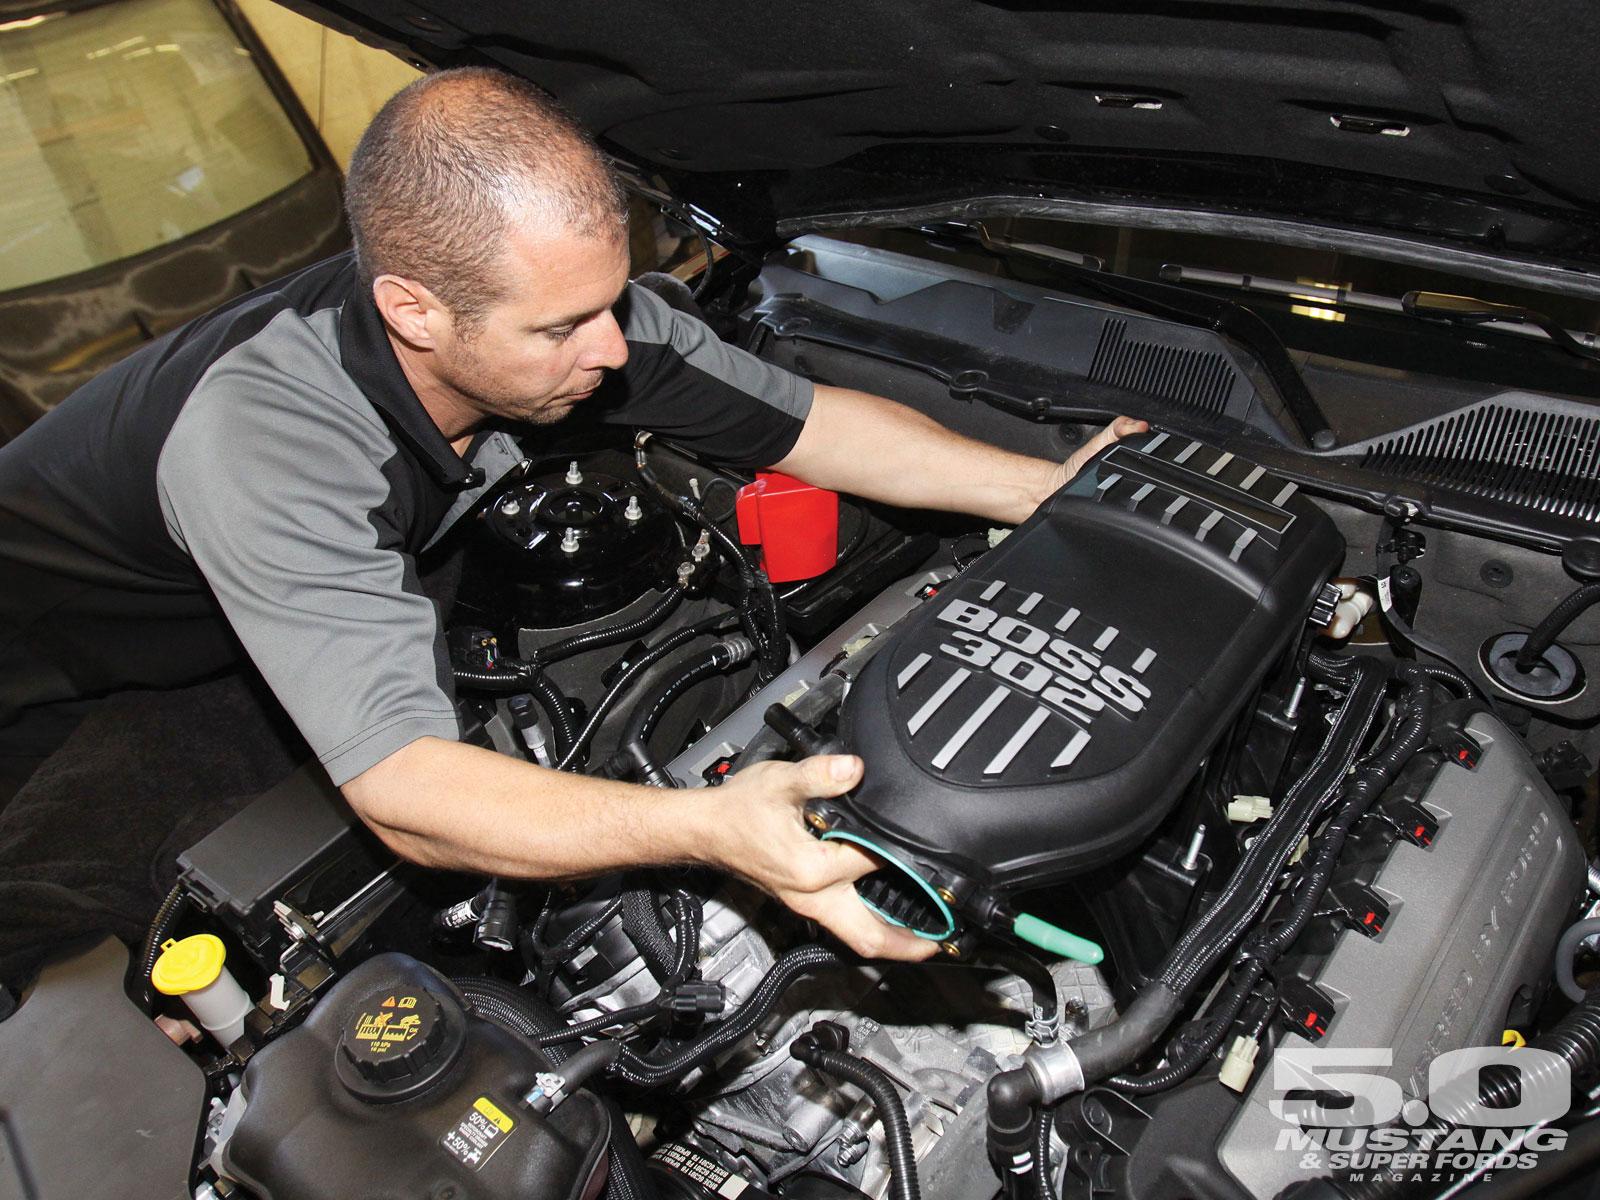 M5lp 1106 08 O 2012 Boss 302 Intake Test Boss Intake Install